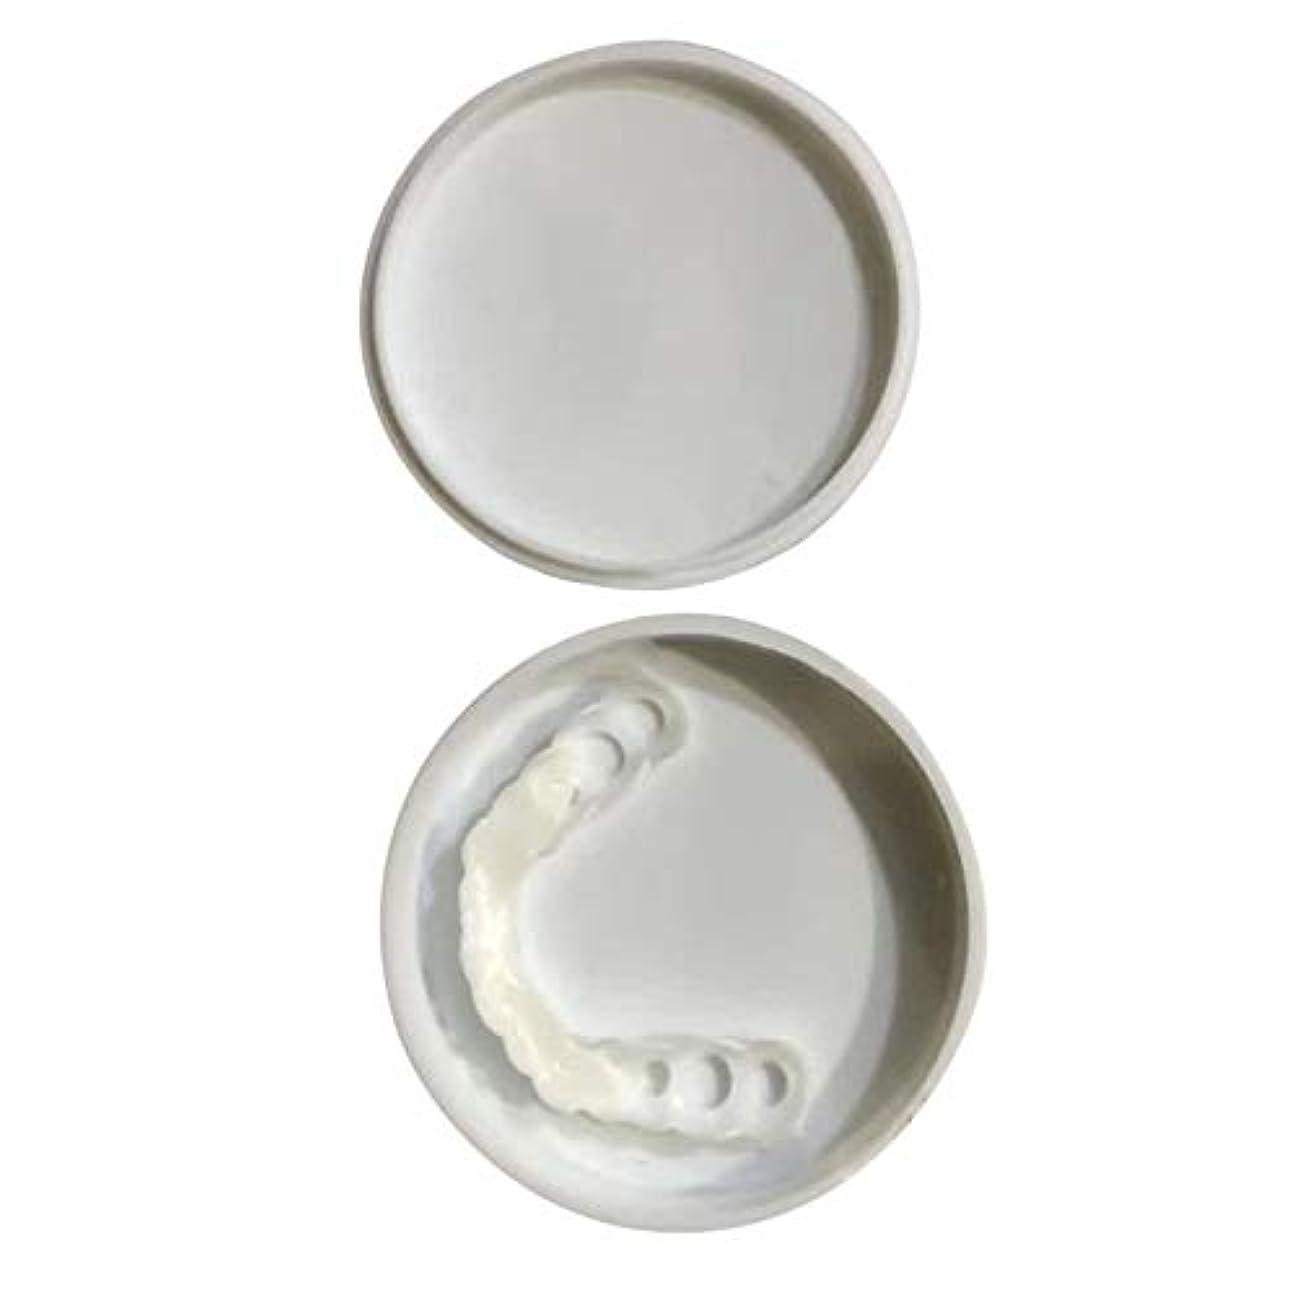 手入れ型に勝る快適なスナップオン男性女性歯インスタントパーフェクトスマイルコンフォートフィットフレックス歯フィットホワイトニング笑顔偽歯カバー - ホワイト